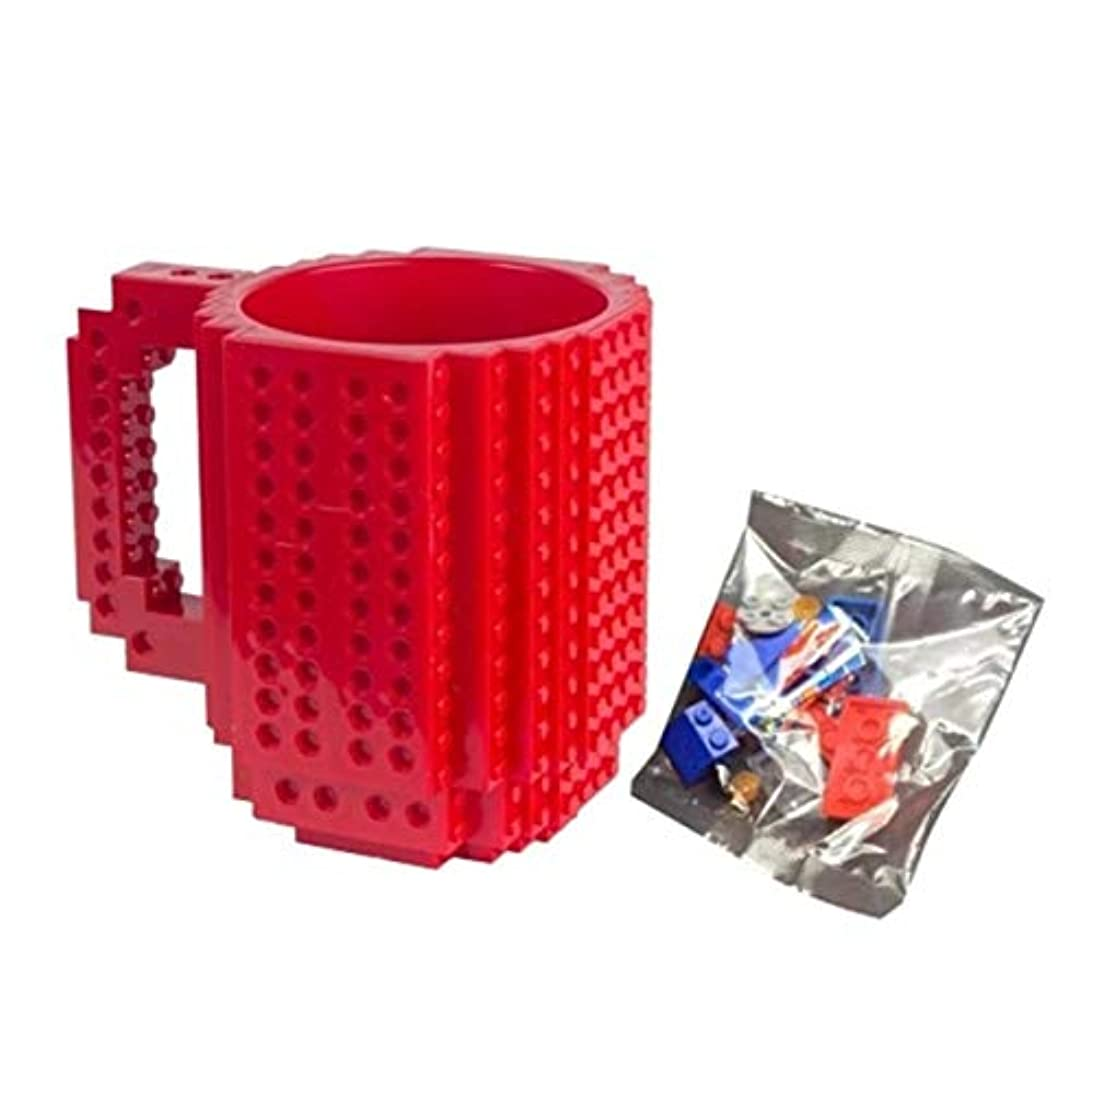 援助する疑い者優れましたSaikogoods レンガマグカップDIY?ビルディング?ブロックのコーヒーカップを構築 赤